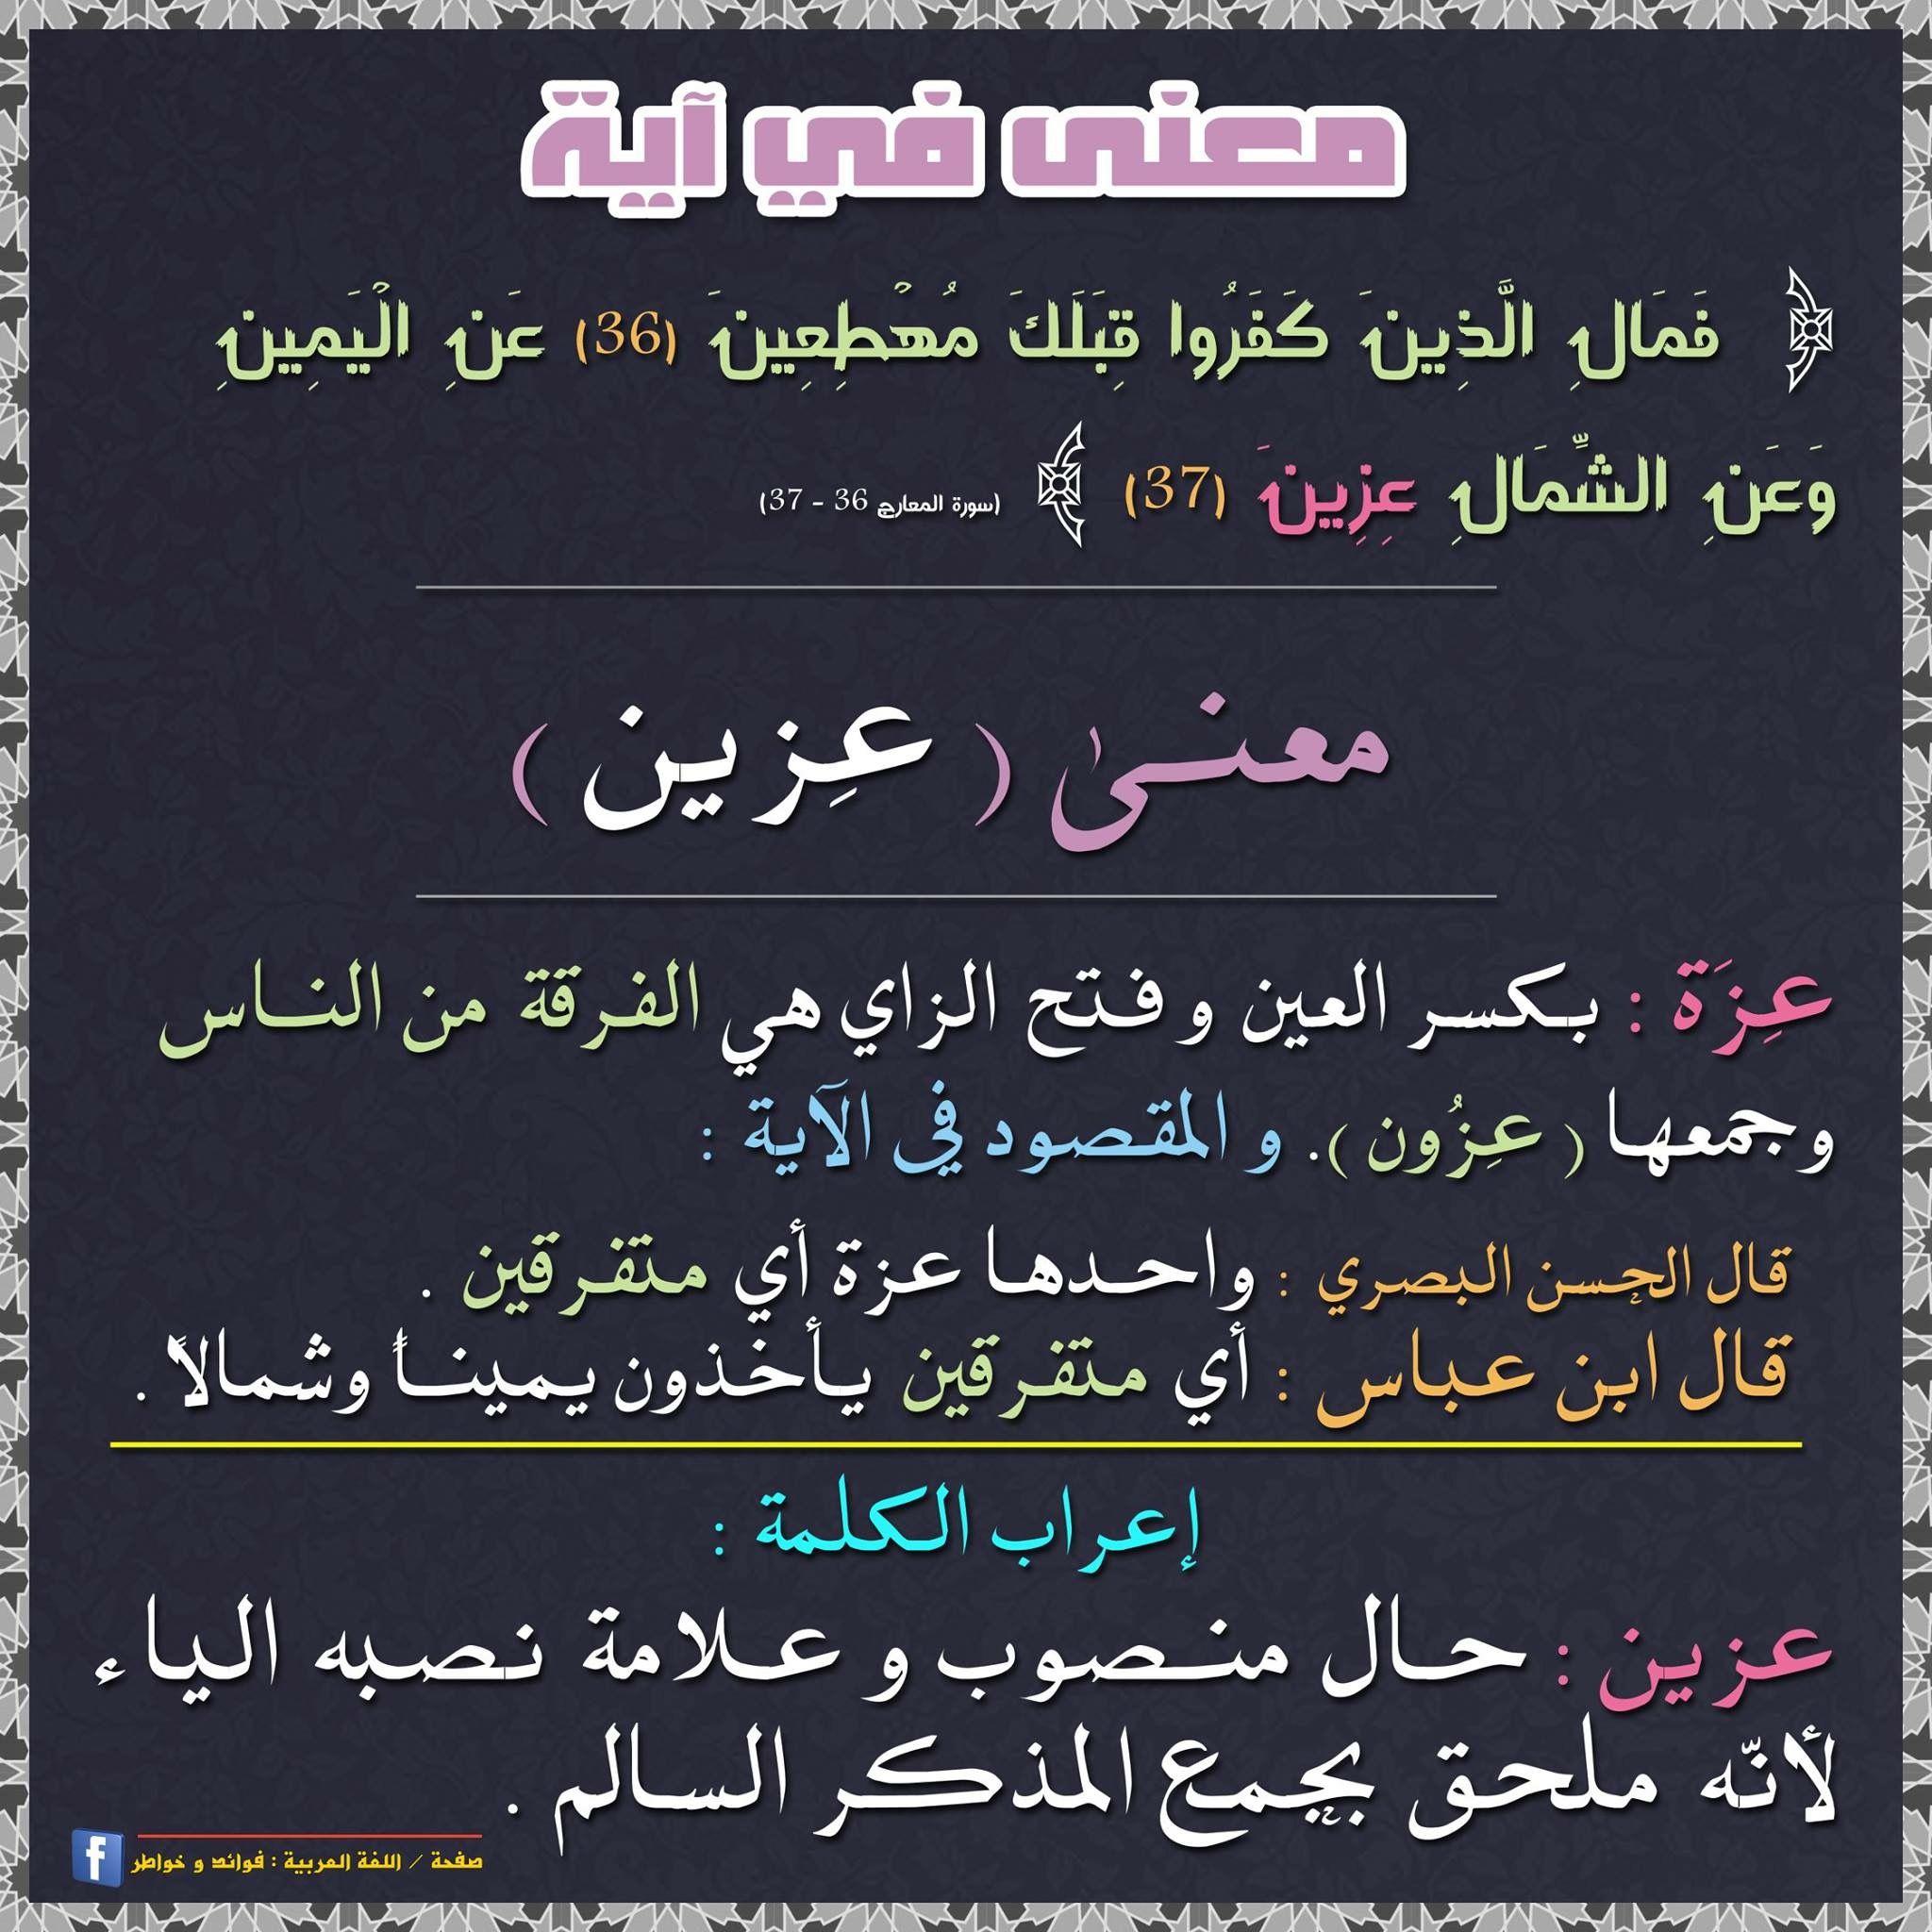 عن اليمين وعن الشمال عزين ٣٧ المعارج Words Quotes Learn Arabic Language Words